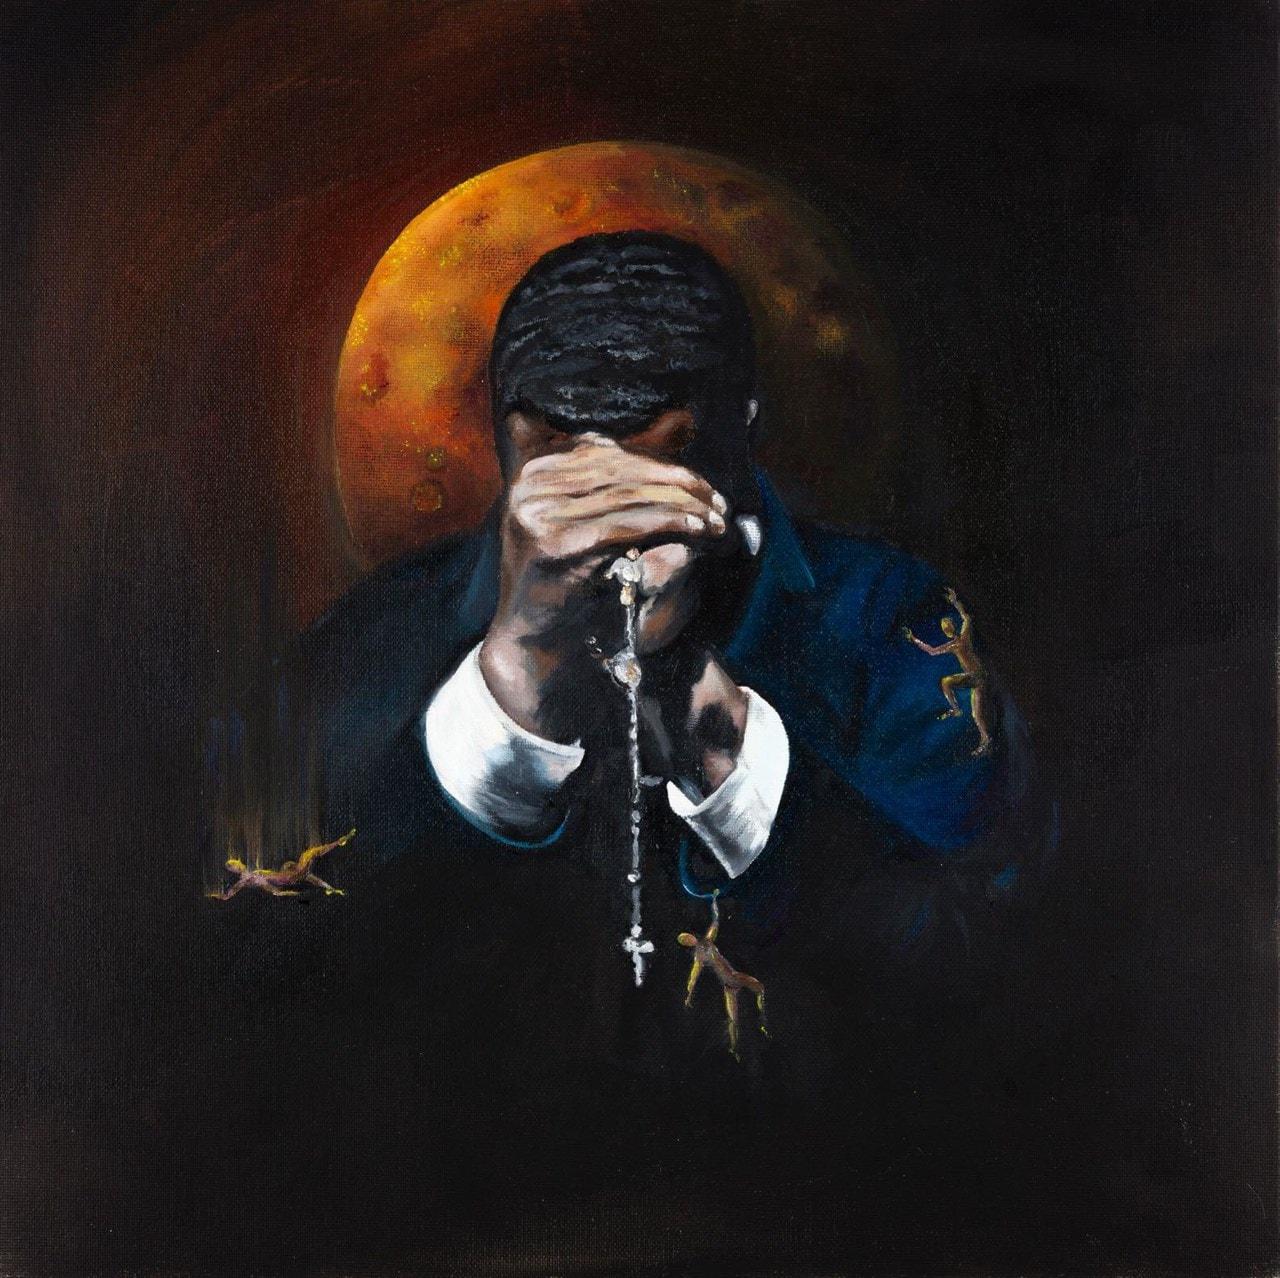 Ghetto Gospel: The New Testament - 1